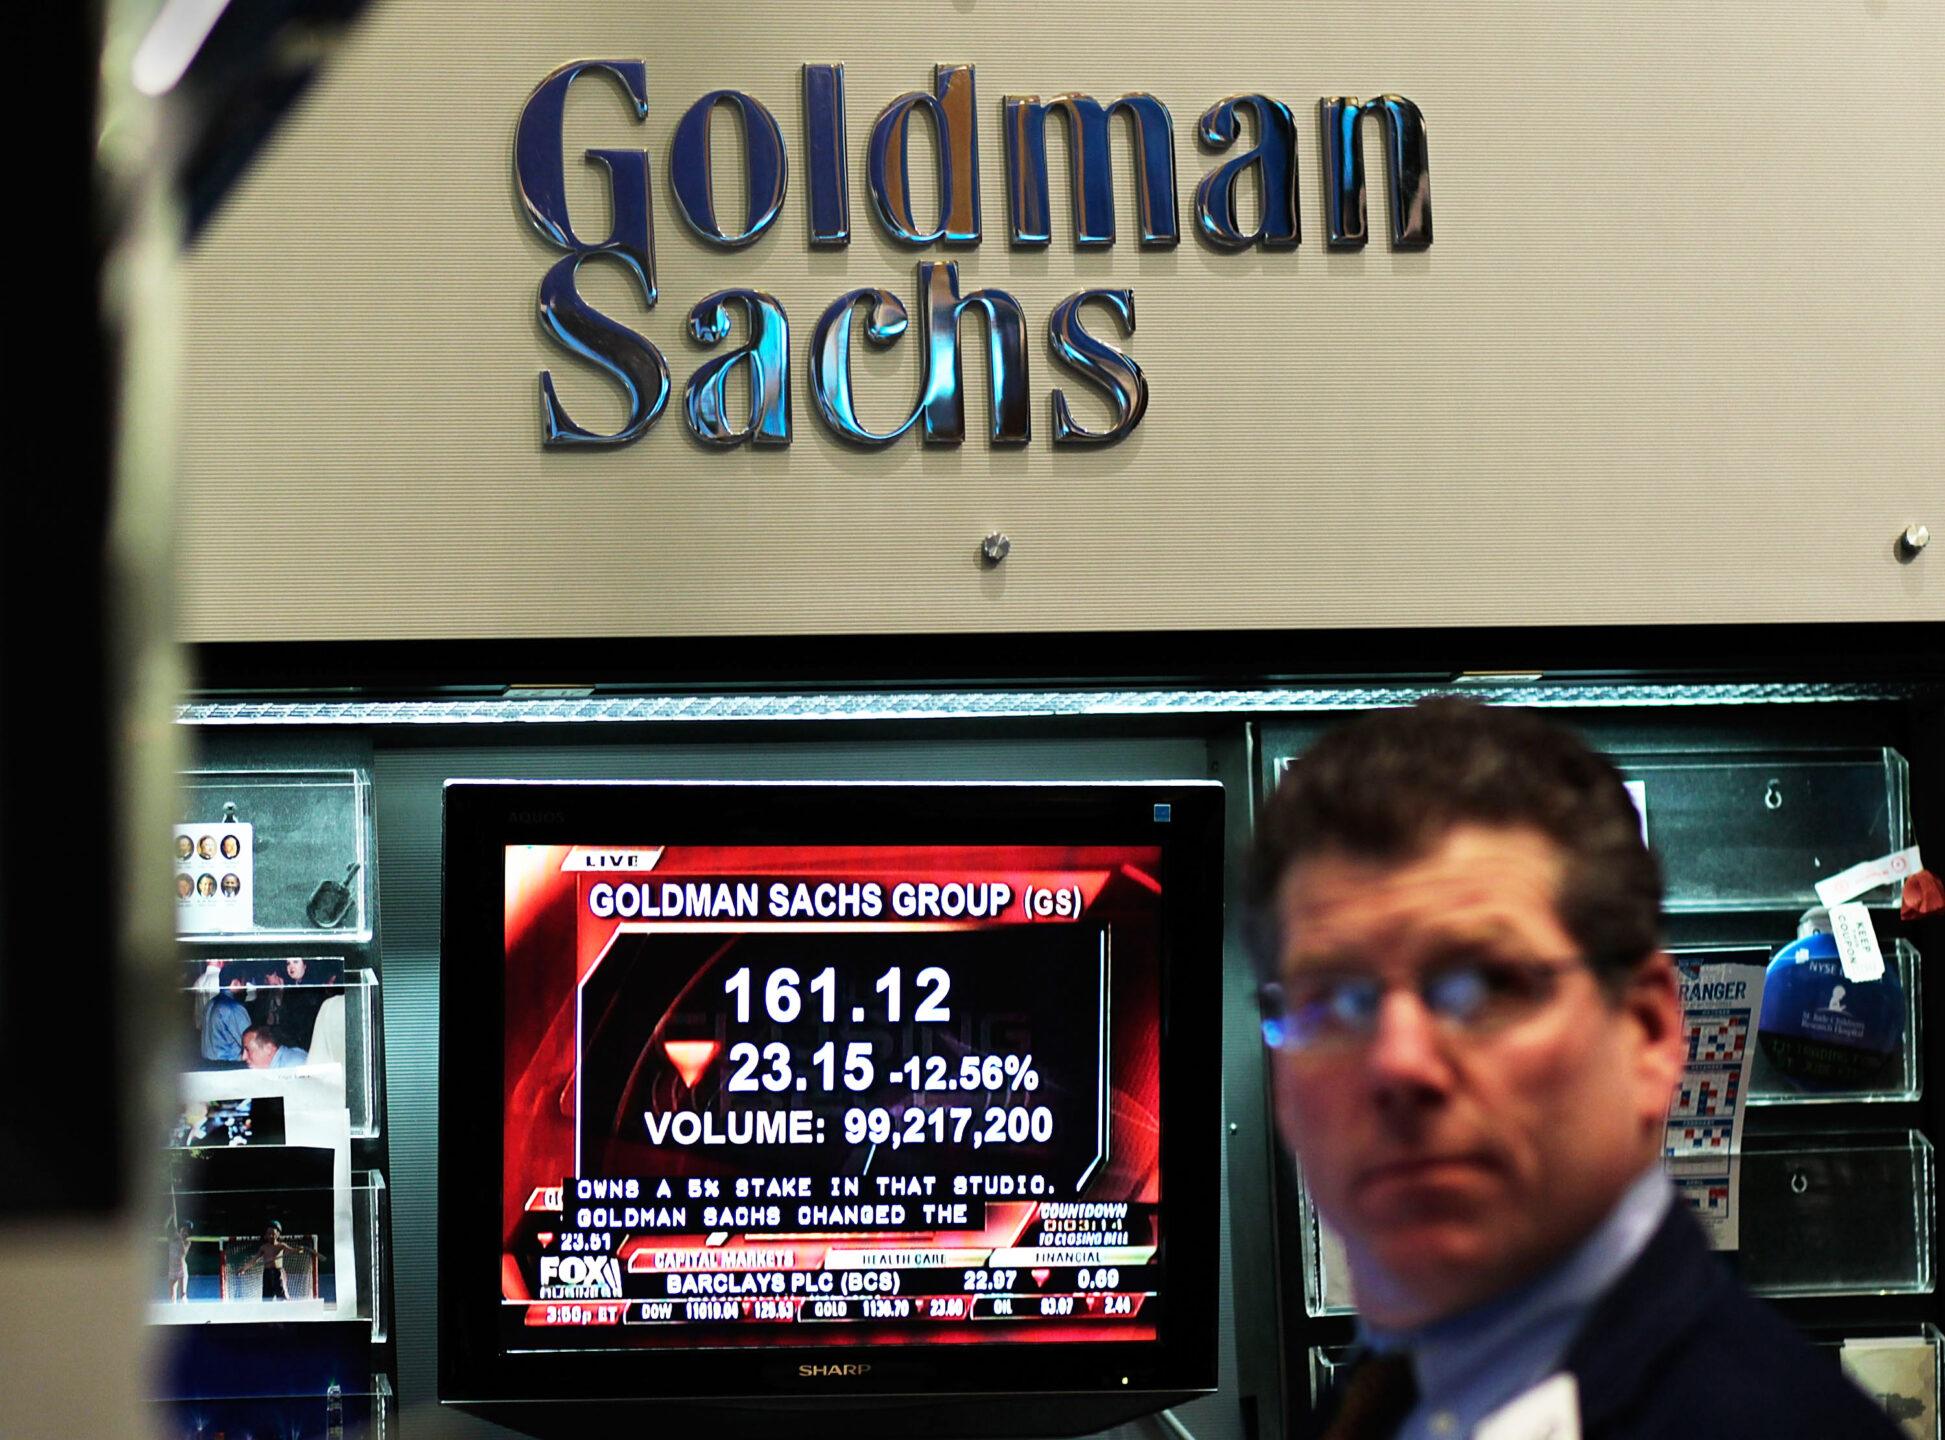 goldman sachs previsioni 2021 usa